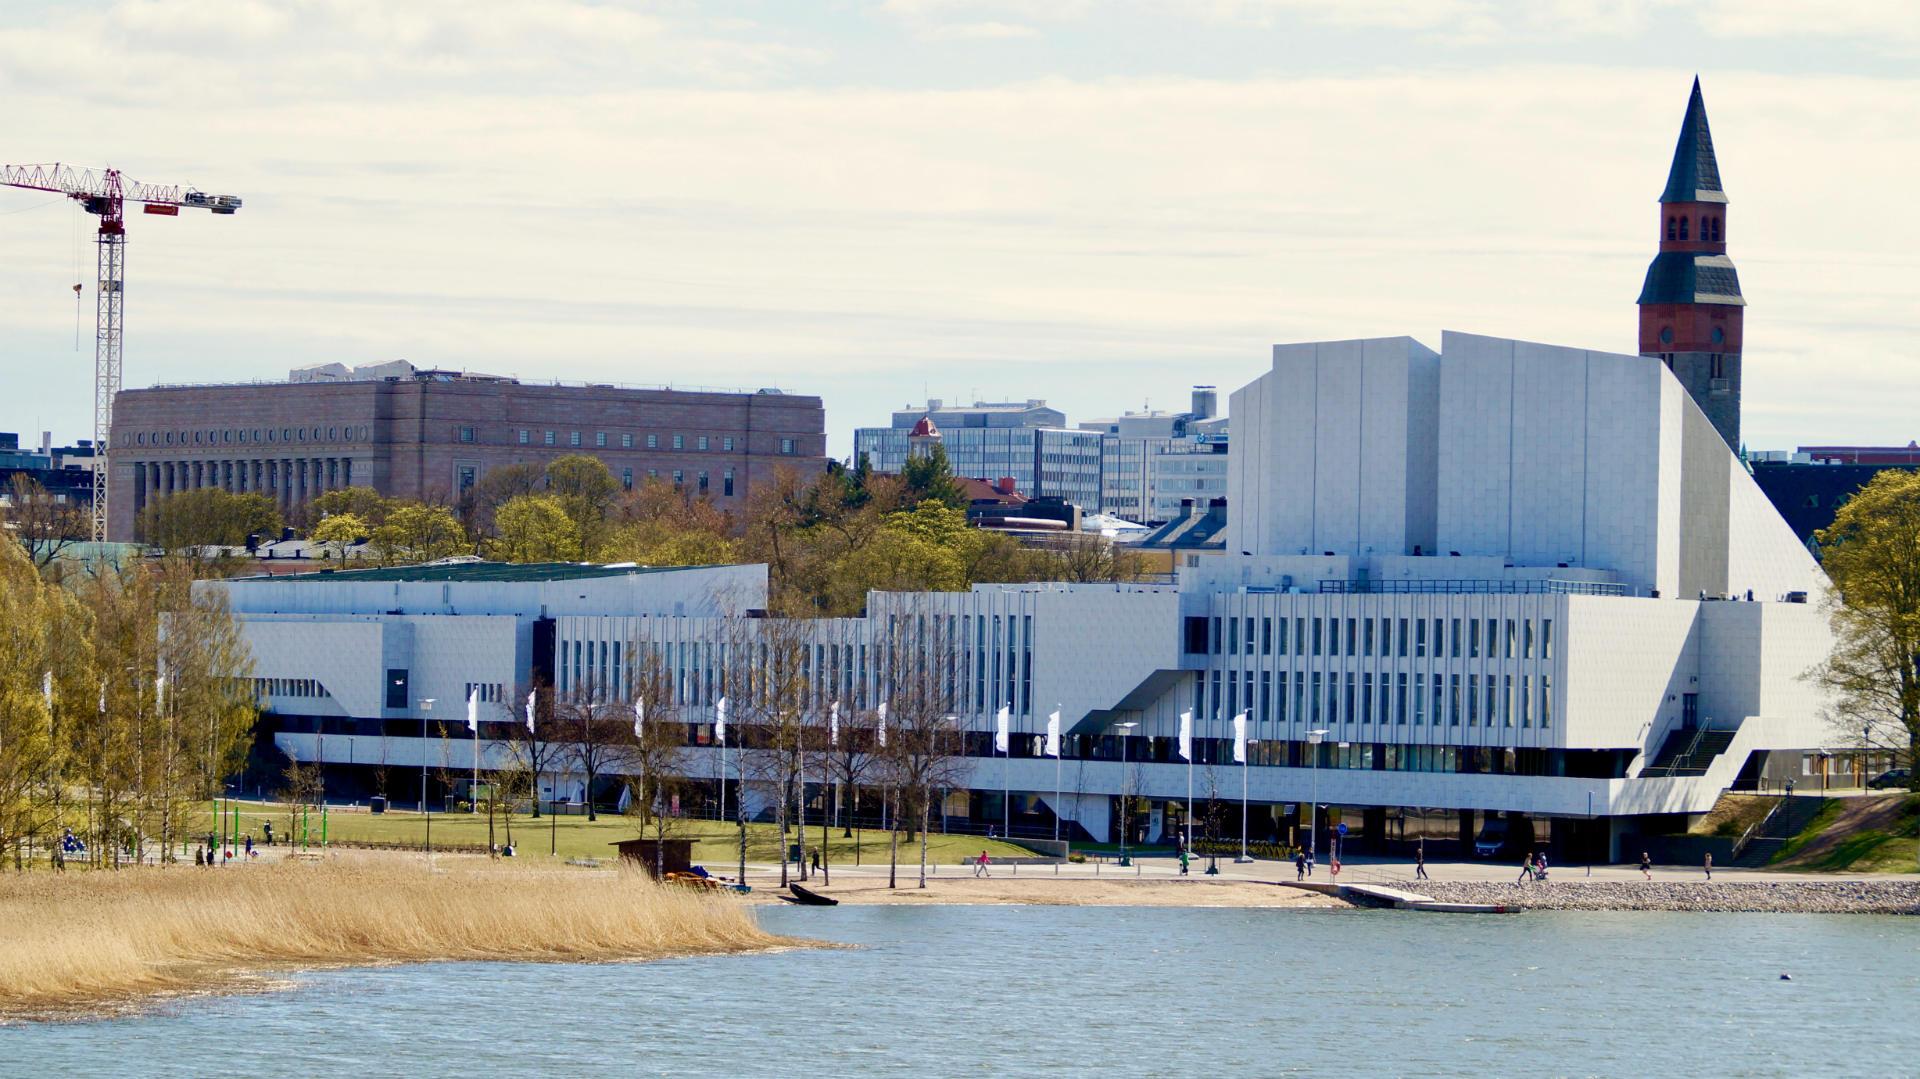 «Дворец Финляндия» в центре финской столицы построен по проекту архитектора Алвара Аалто, «отца модернизма» и одного из основоположников современного мирового дизайна. Фото:ScandiNews